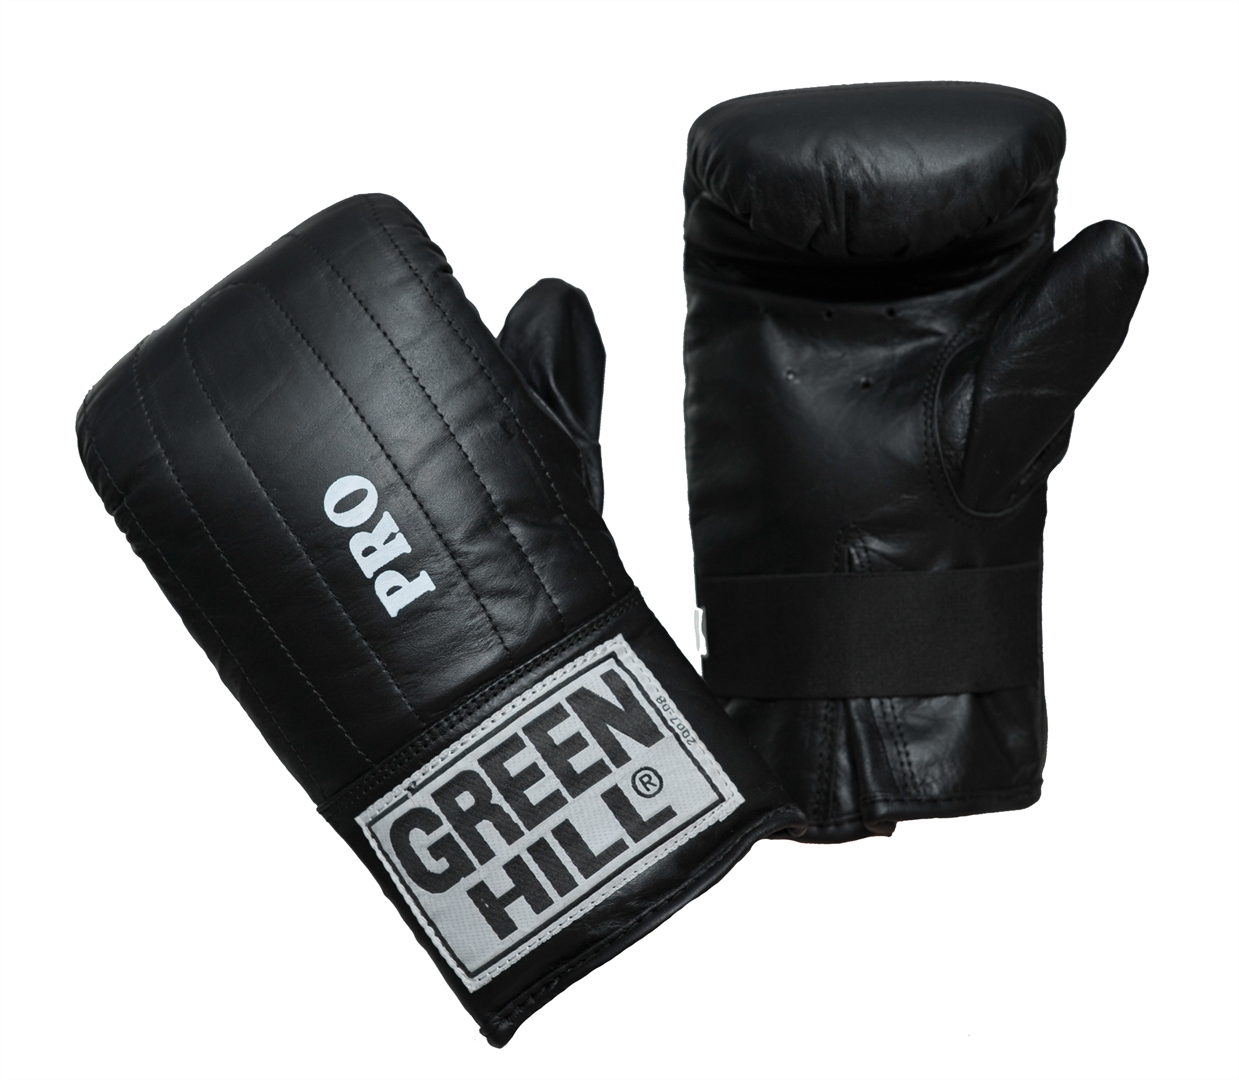 Перчатки снарядные Green Hill Pro, цвет: черный. Размер XLBGG-2018Снарядные перчатки Green Hill Pro предназначены для отработки ударов по мешкам и лапам, а также для легких спаррингов. Перчатки выполнены из натуральной кожи с мягким наполнителем внутри. Манжет не резинке позволяет быстро снимать и одевать перчатки, плотно фиксирует их на руке.